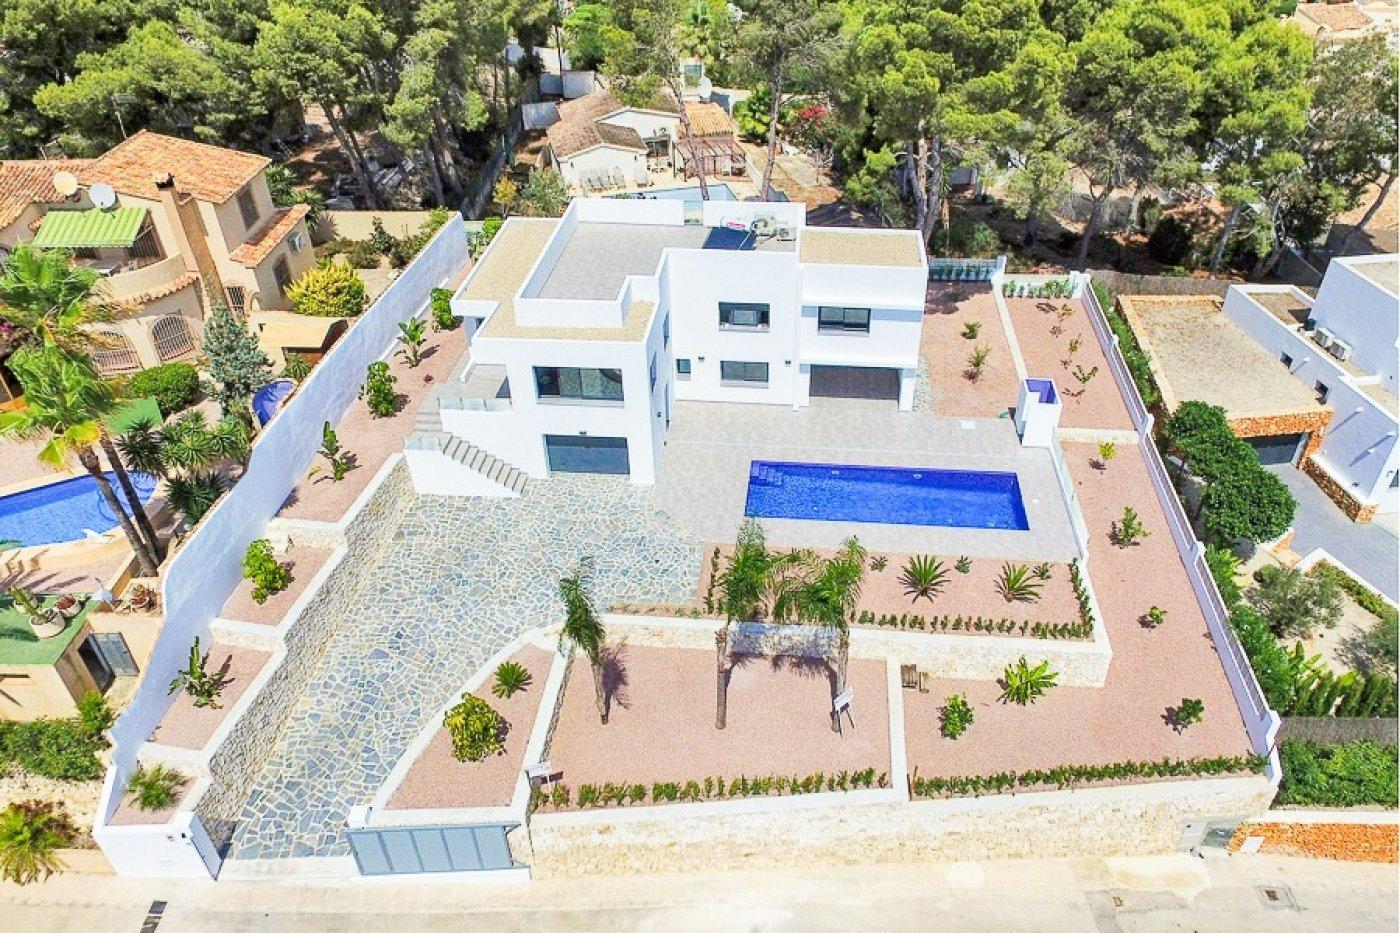 Mooie kwaliteitsvilla in een rustige omgeving